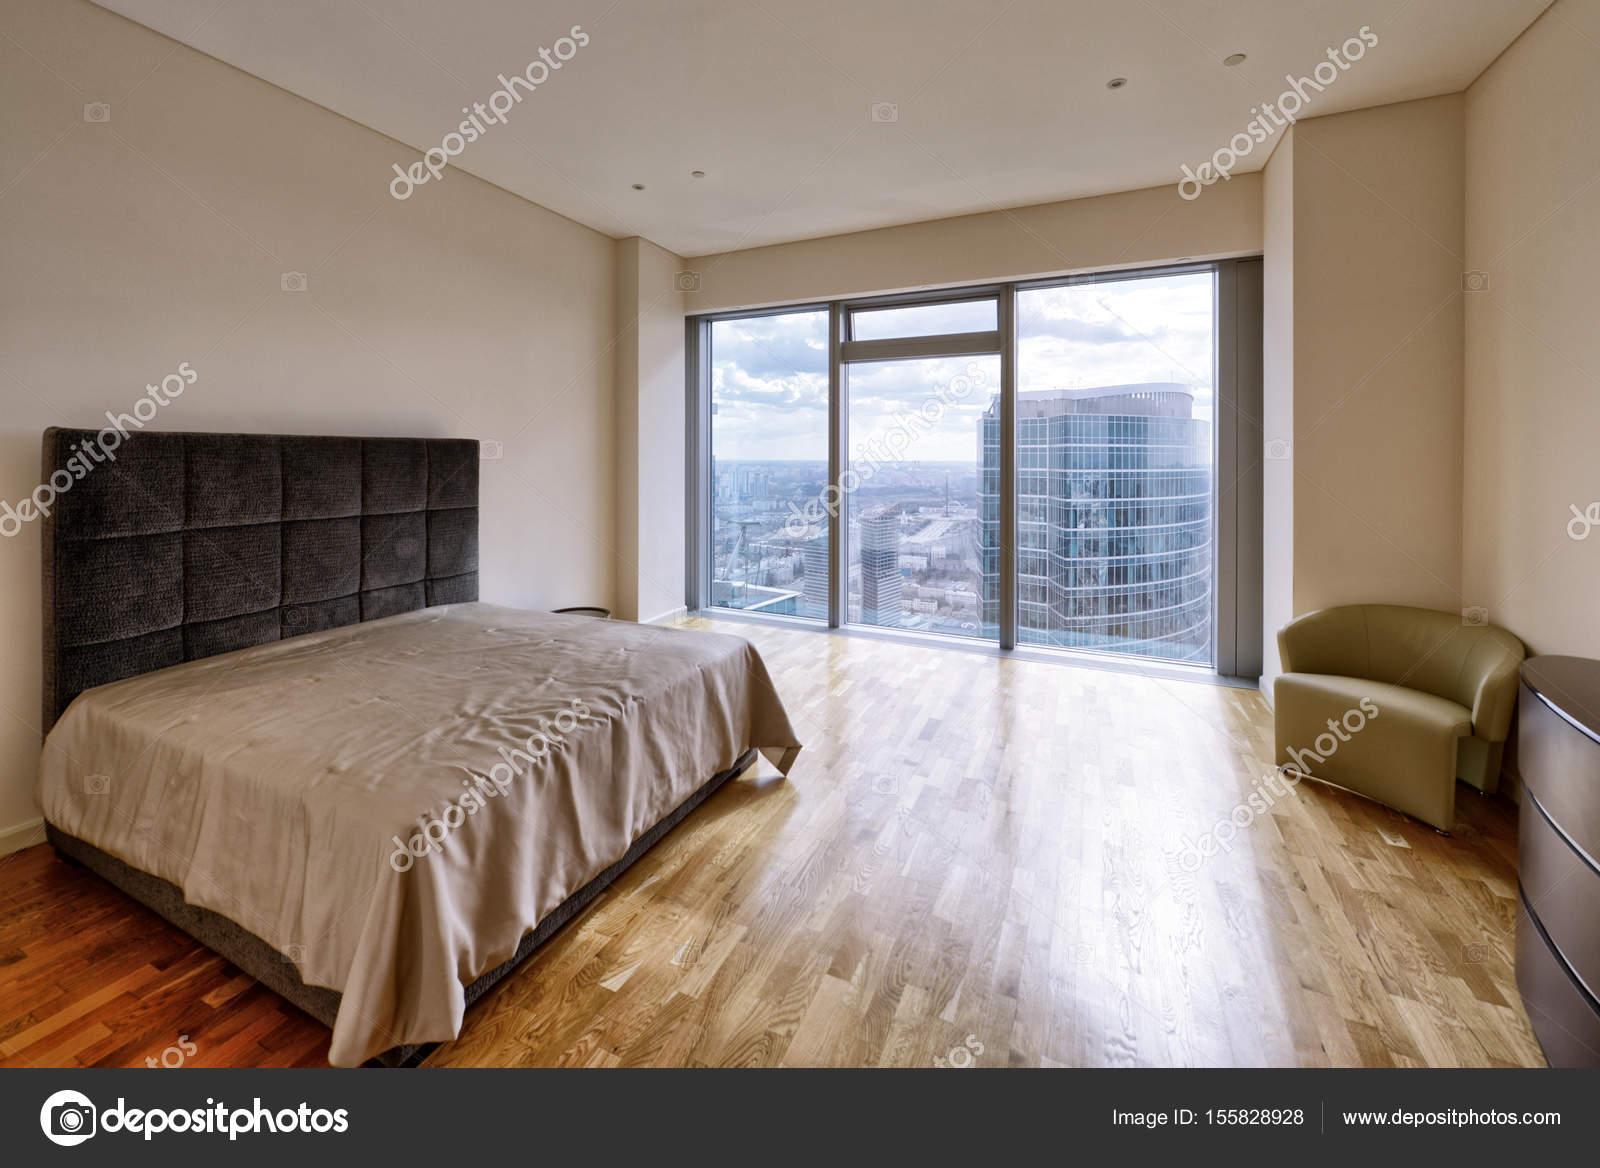 Raumgestaltung Schlafzimmer — Stockfoto © ovchinnikovfoto #155828928